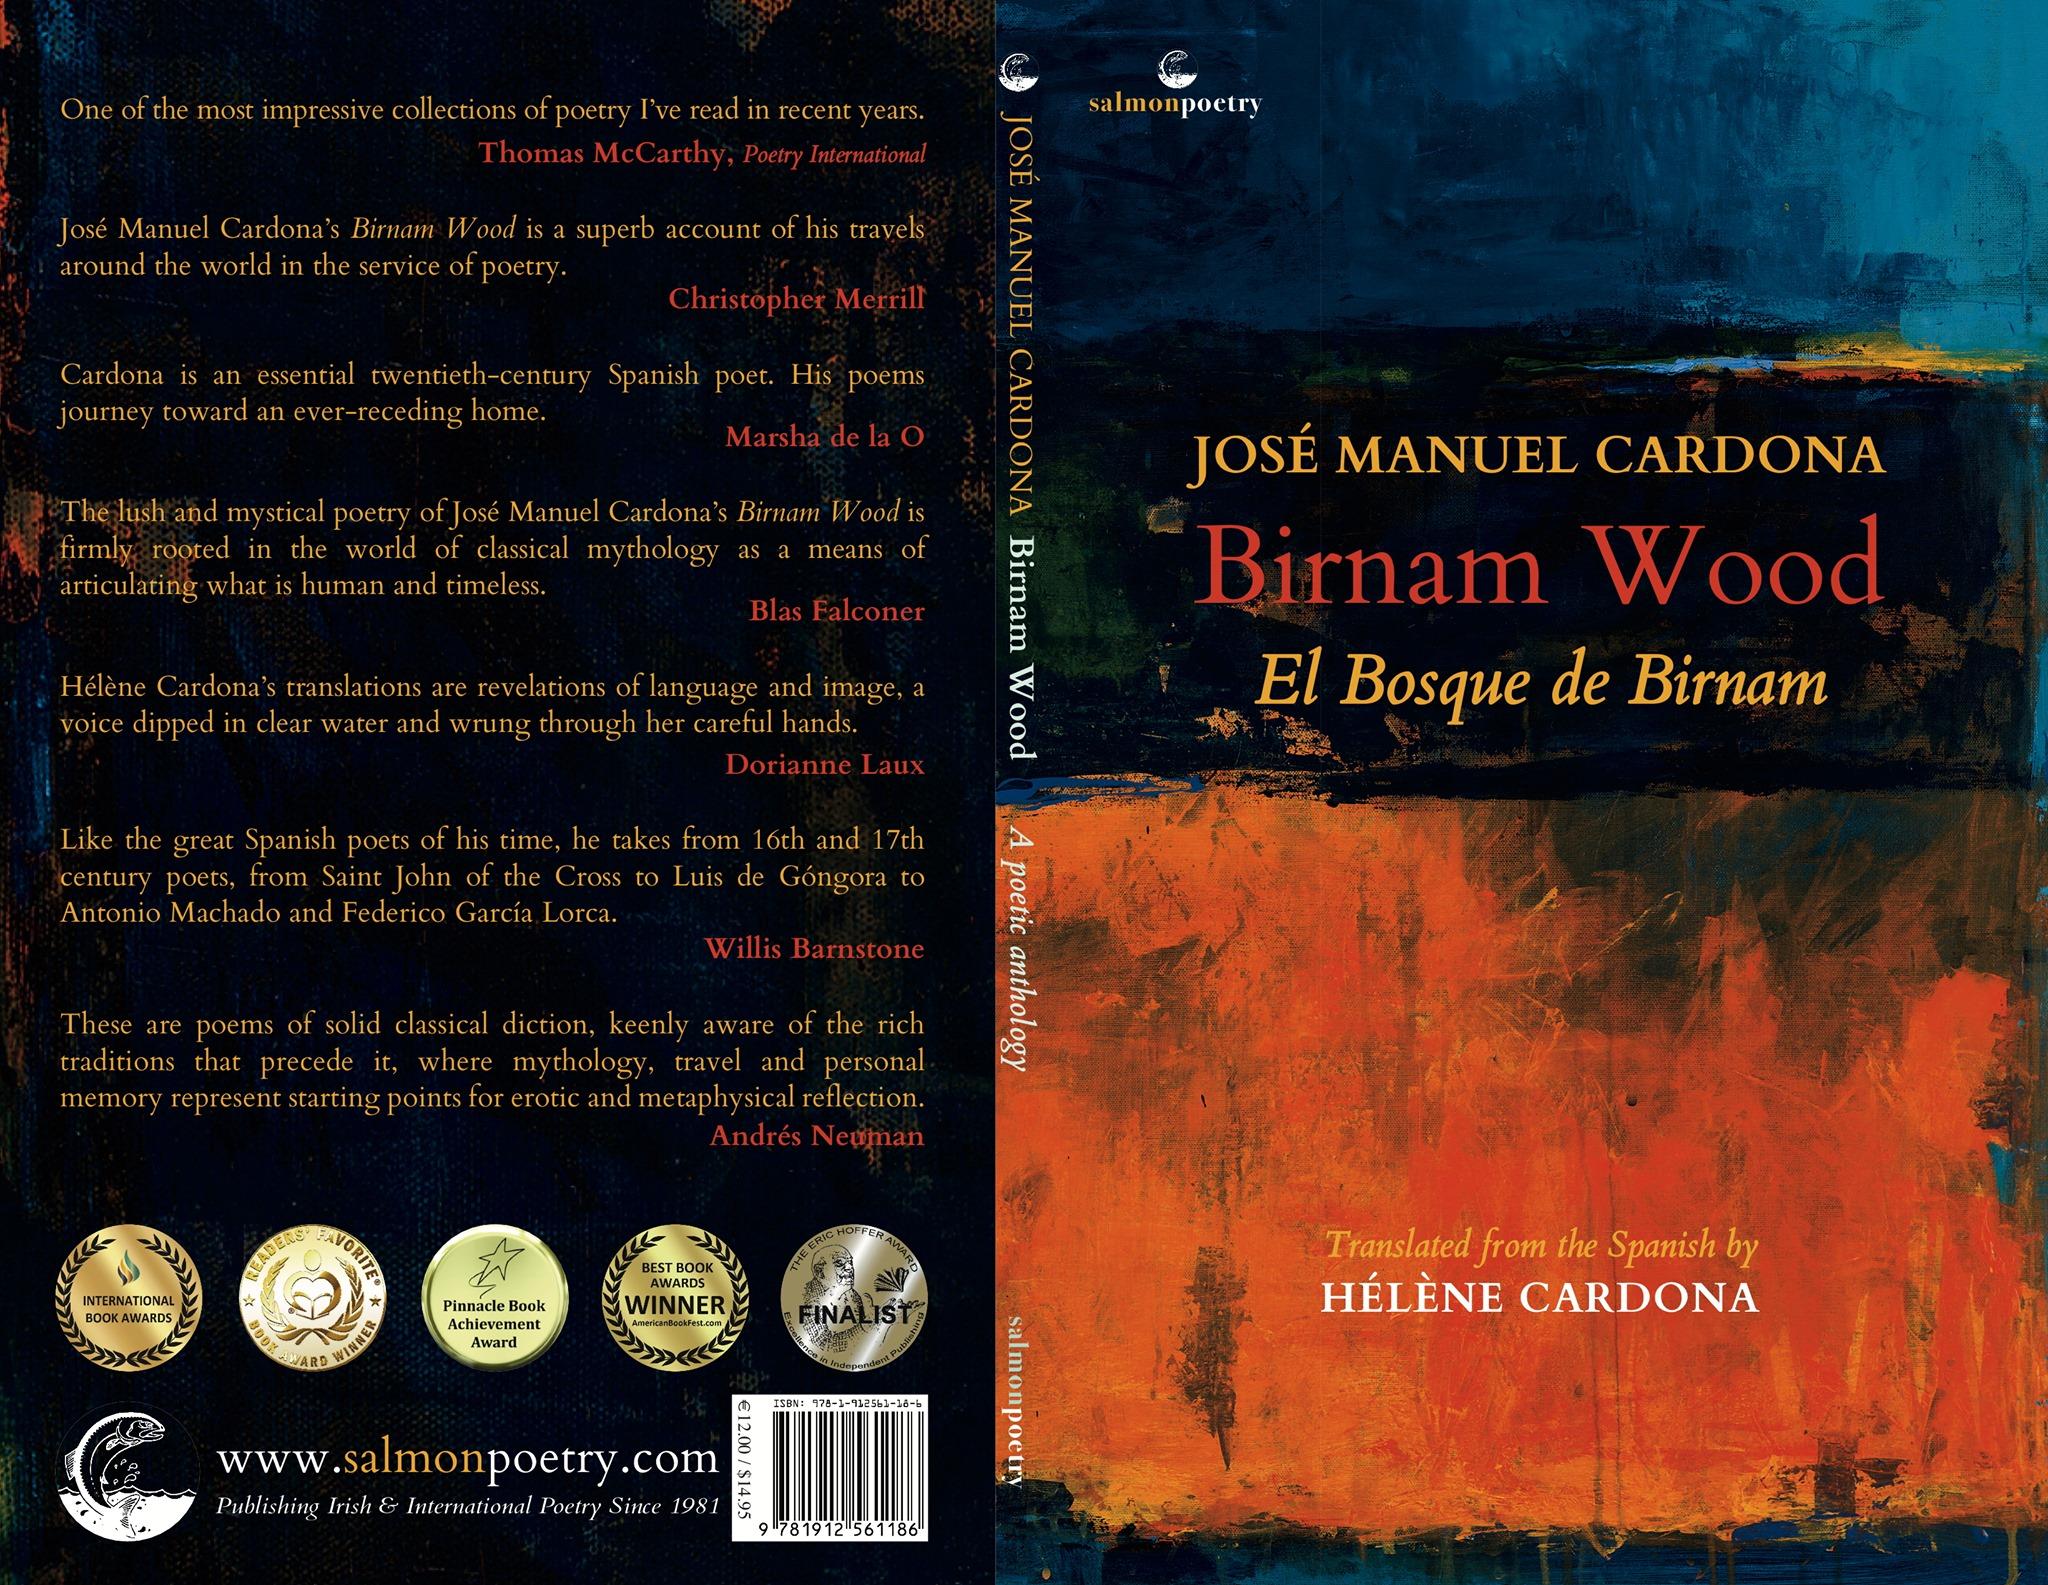 Birnam Wood 2020